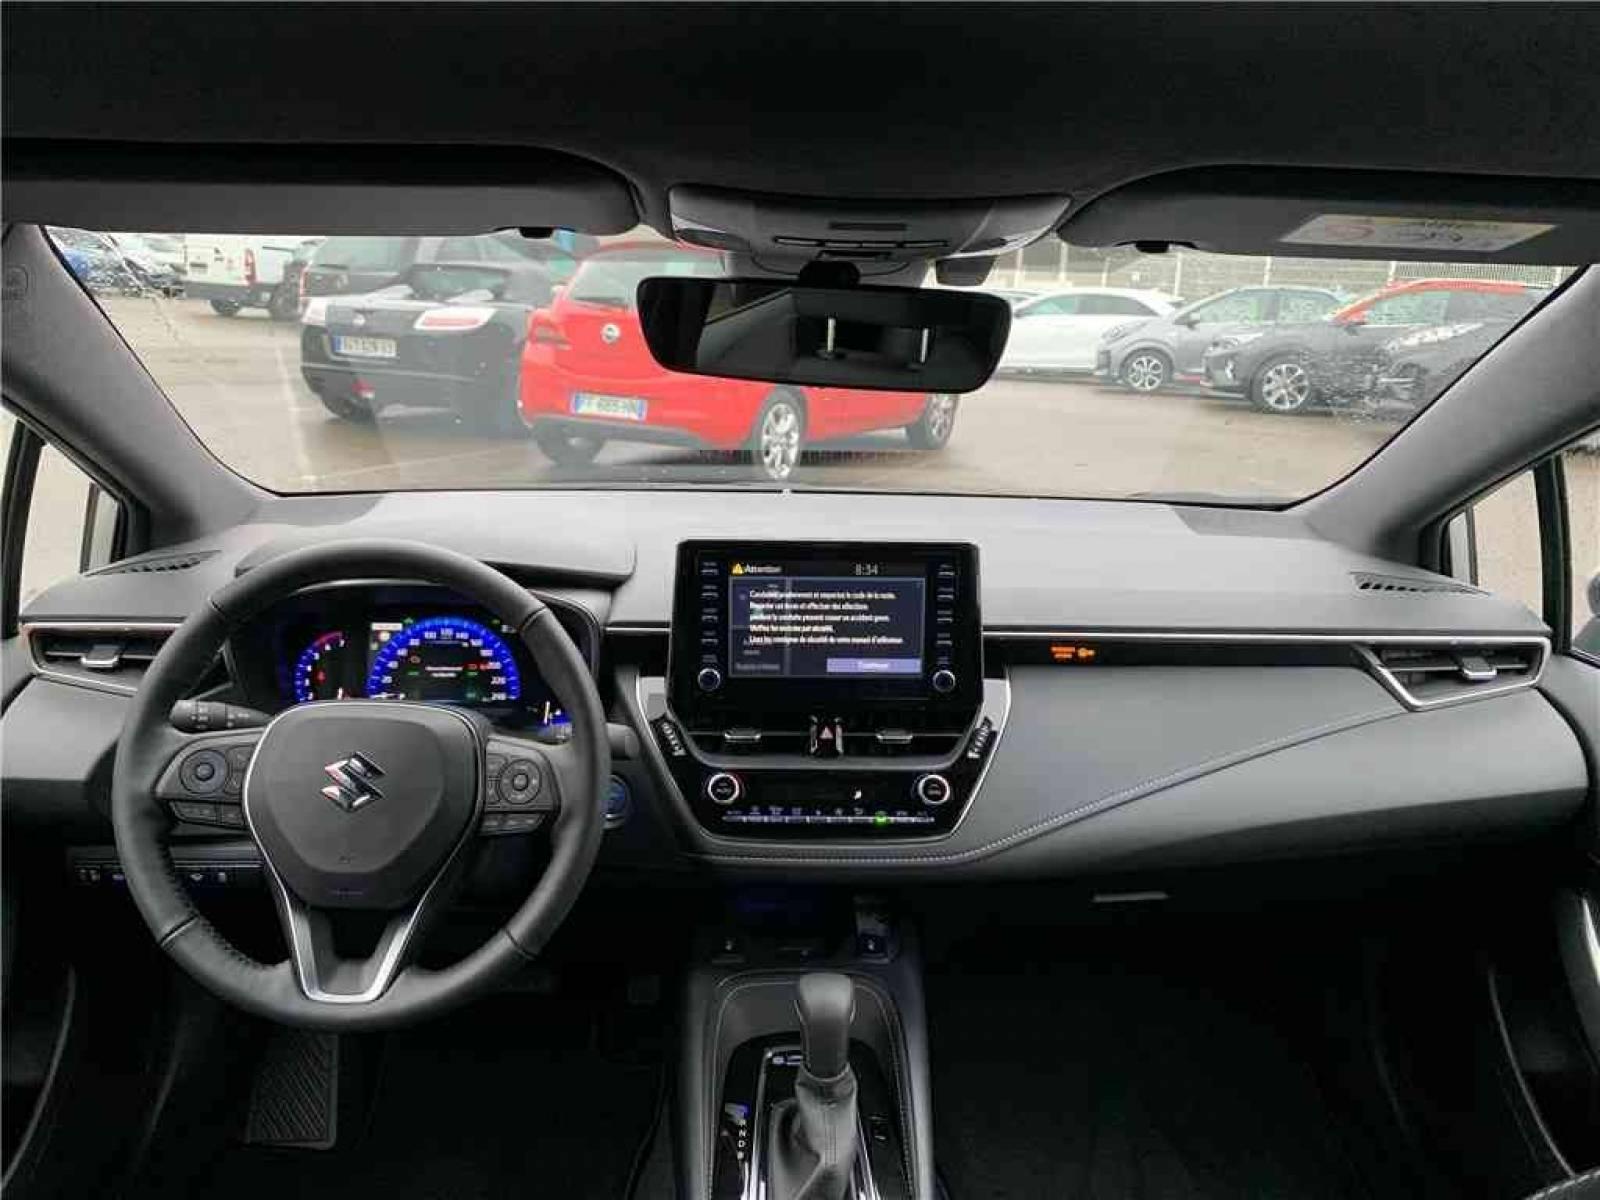 SUZUKI Swace 1.8 Hybrid - véhicule d'occasion - Groupe Guillet - Hall de l'automobile - Montceau les Mines - 71300 - Montceau-les-Mines - 18